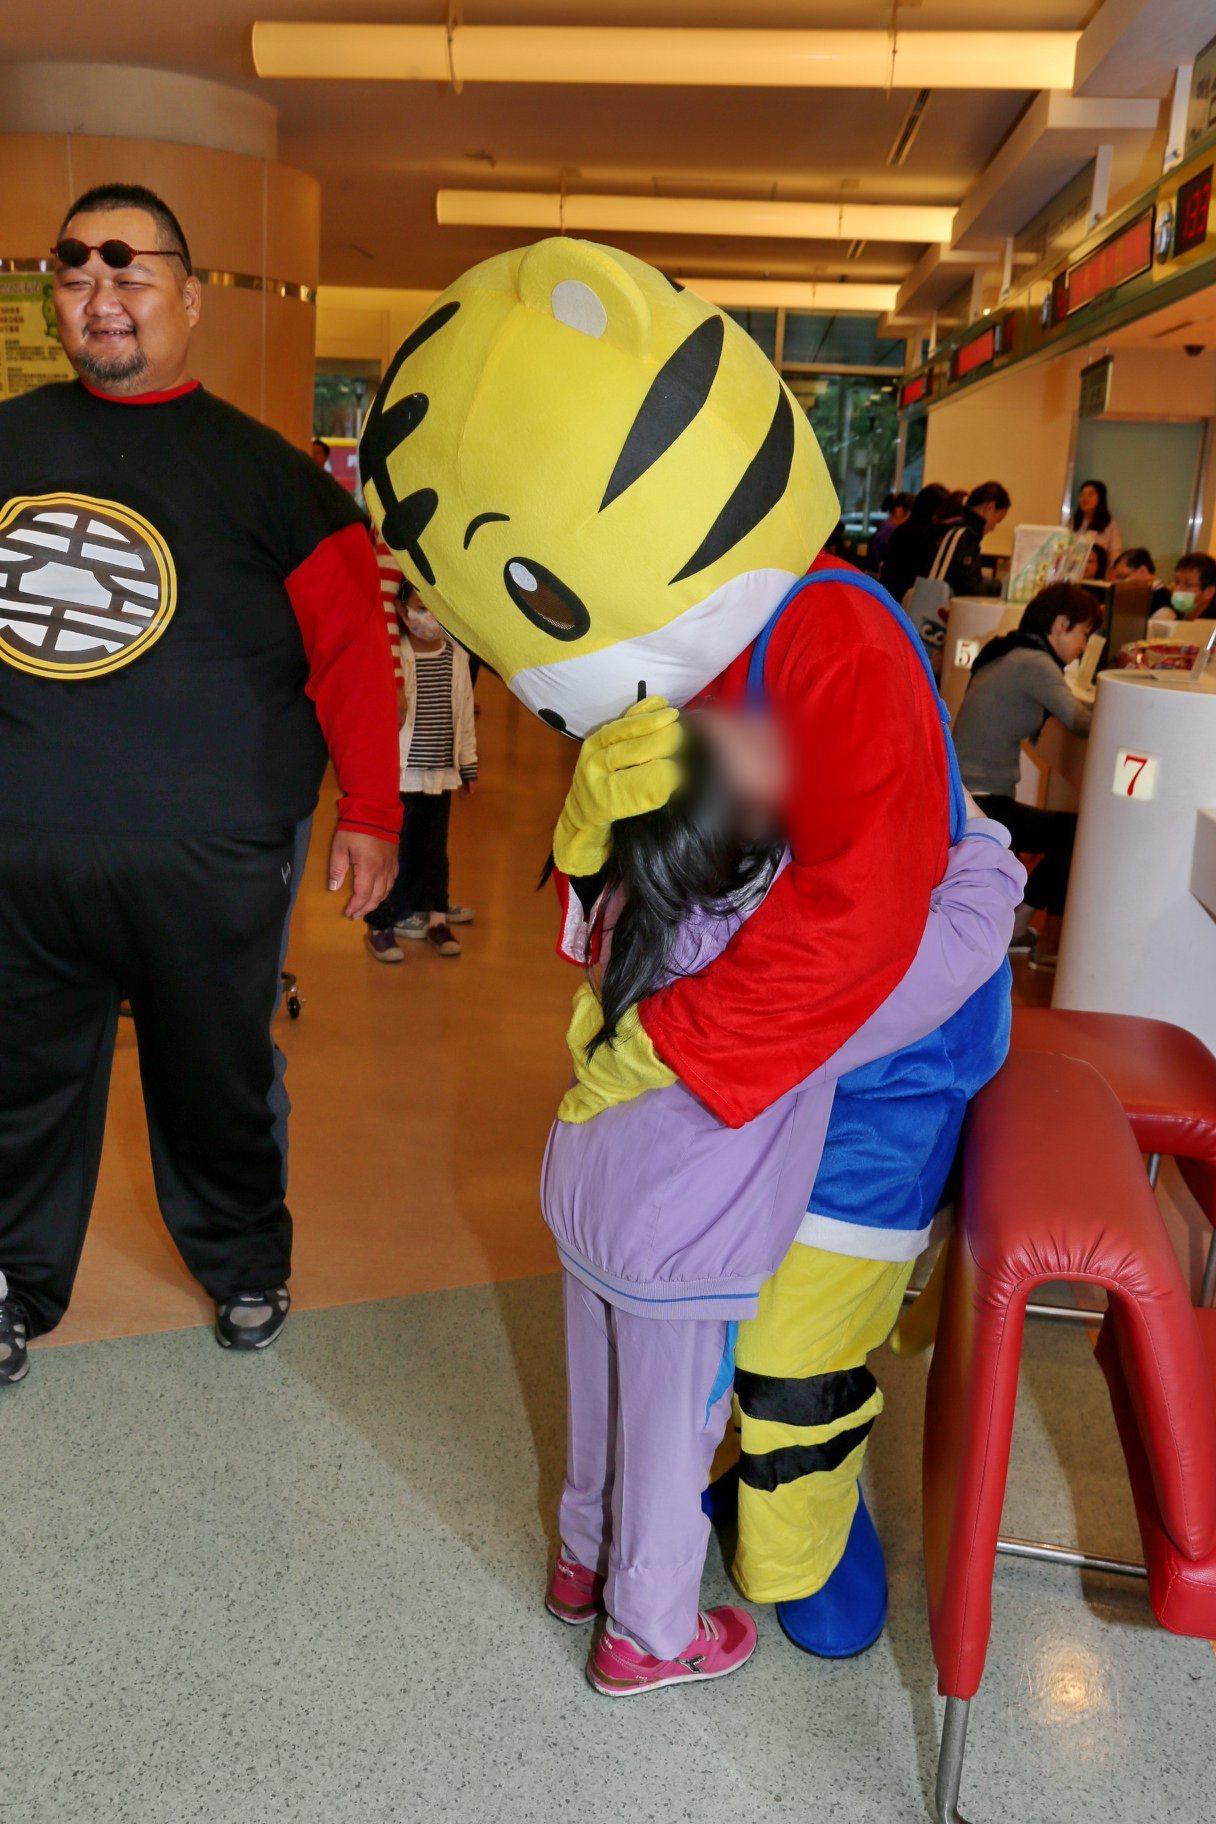 連續6年萬聖節英雄公益團皆至台大兒童醫院散播歡樂,巧虎人氣不輸漫威英雄。圖/擷自...